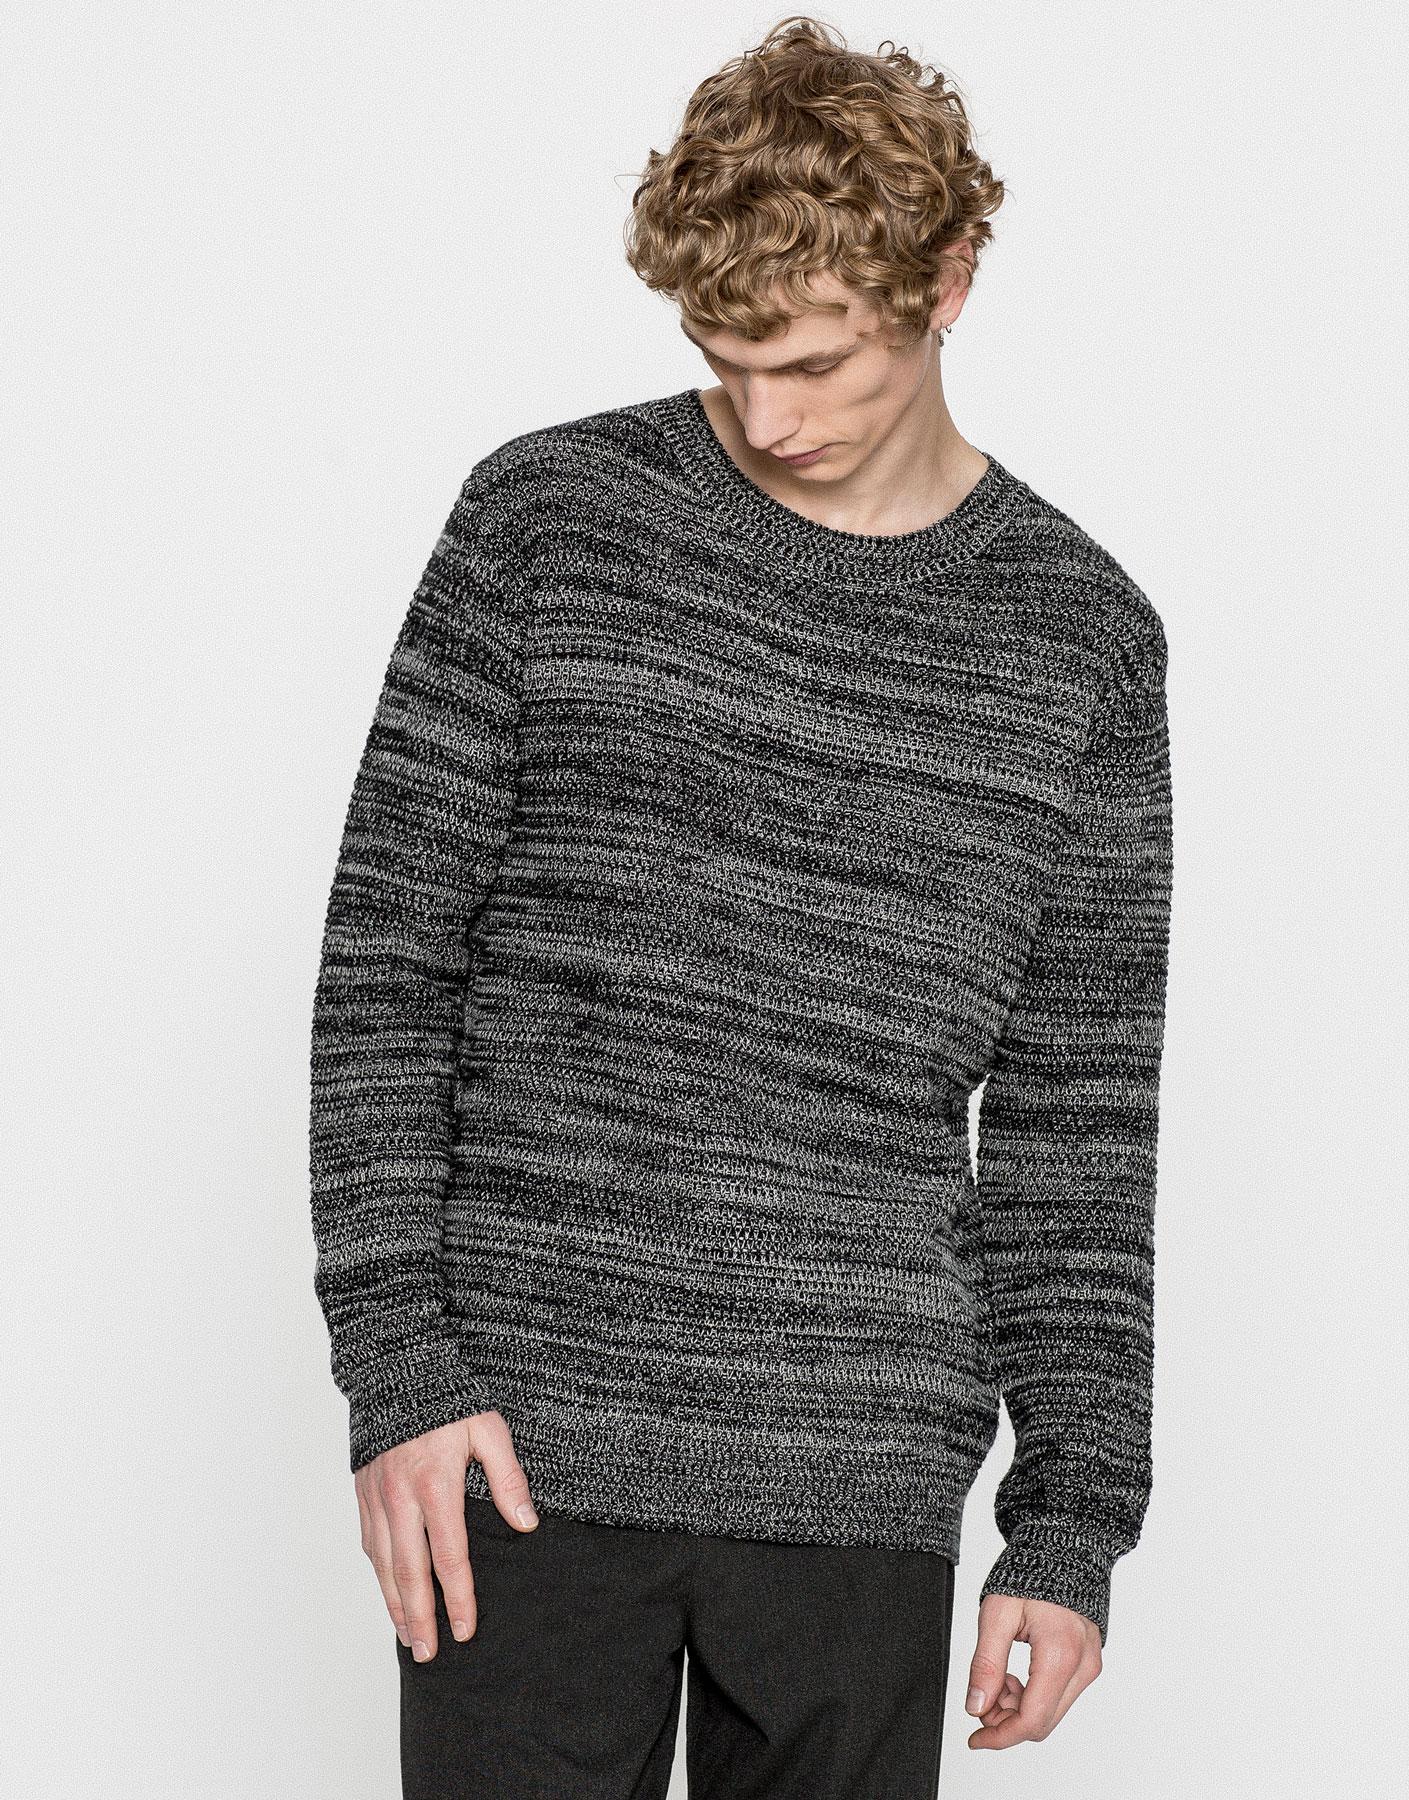 Round neck twist knit sweater